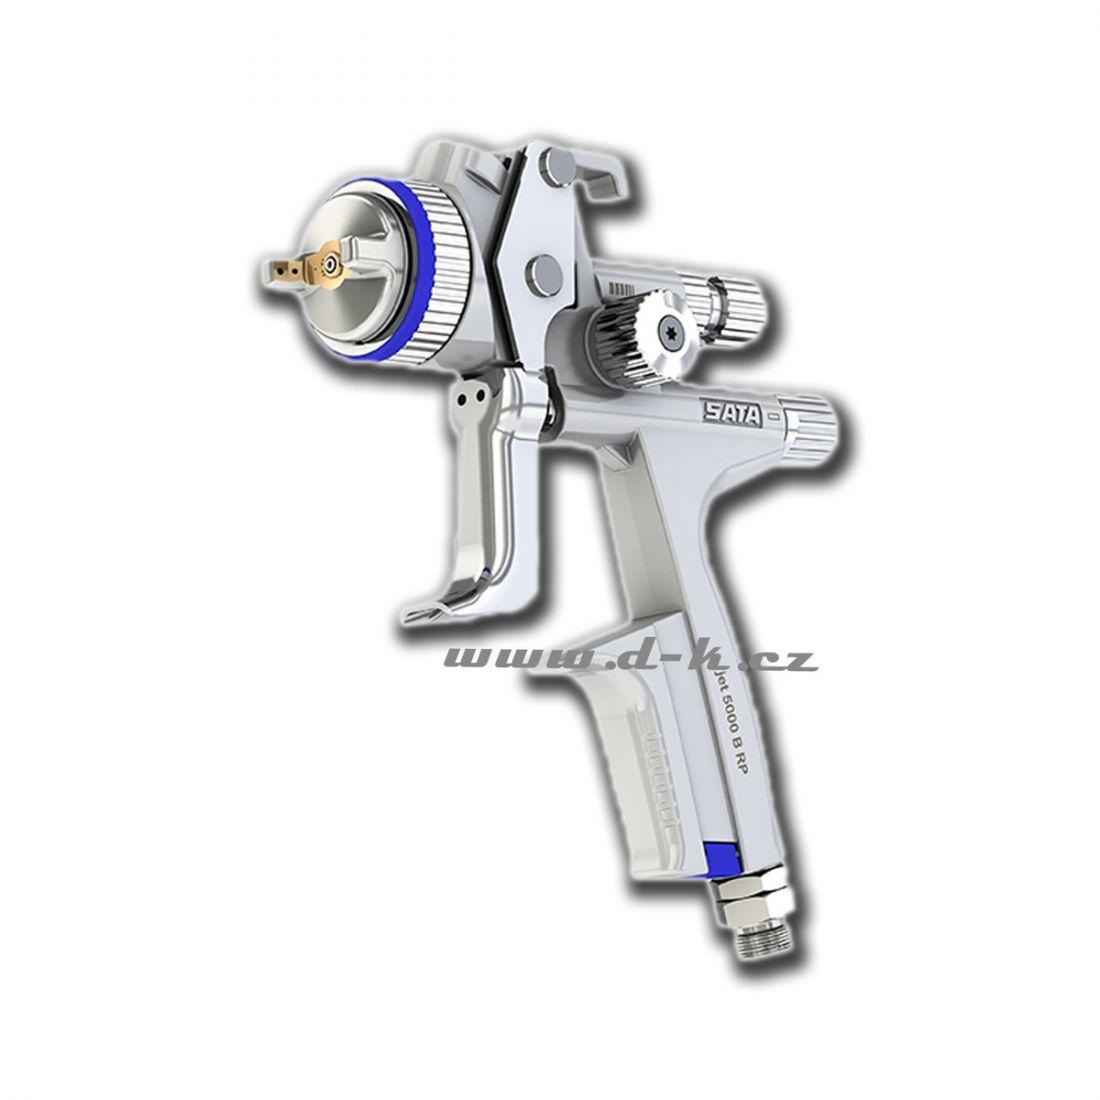 Vysoce výkonné stříkací pistole (2 různé výrobky) - Objednejte do 21:00, zaslání téhož dne.